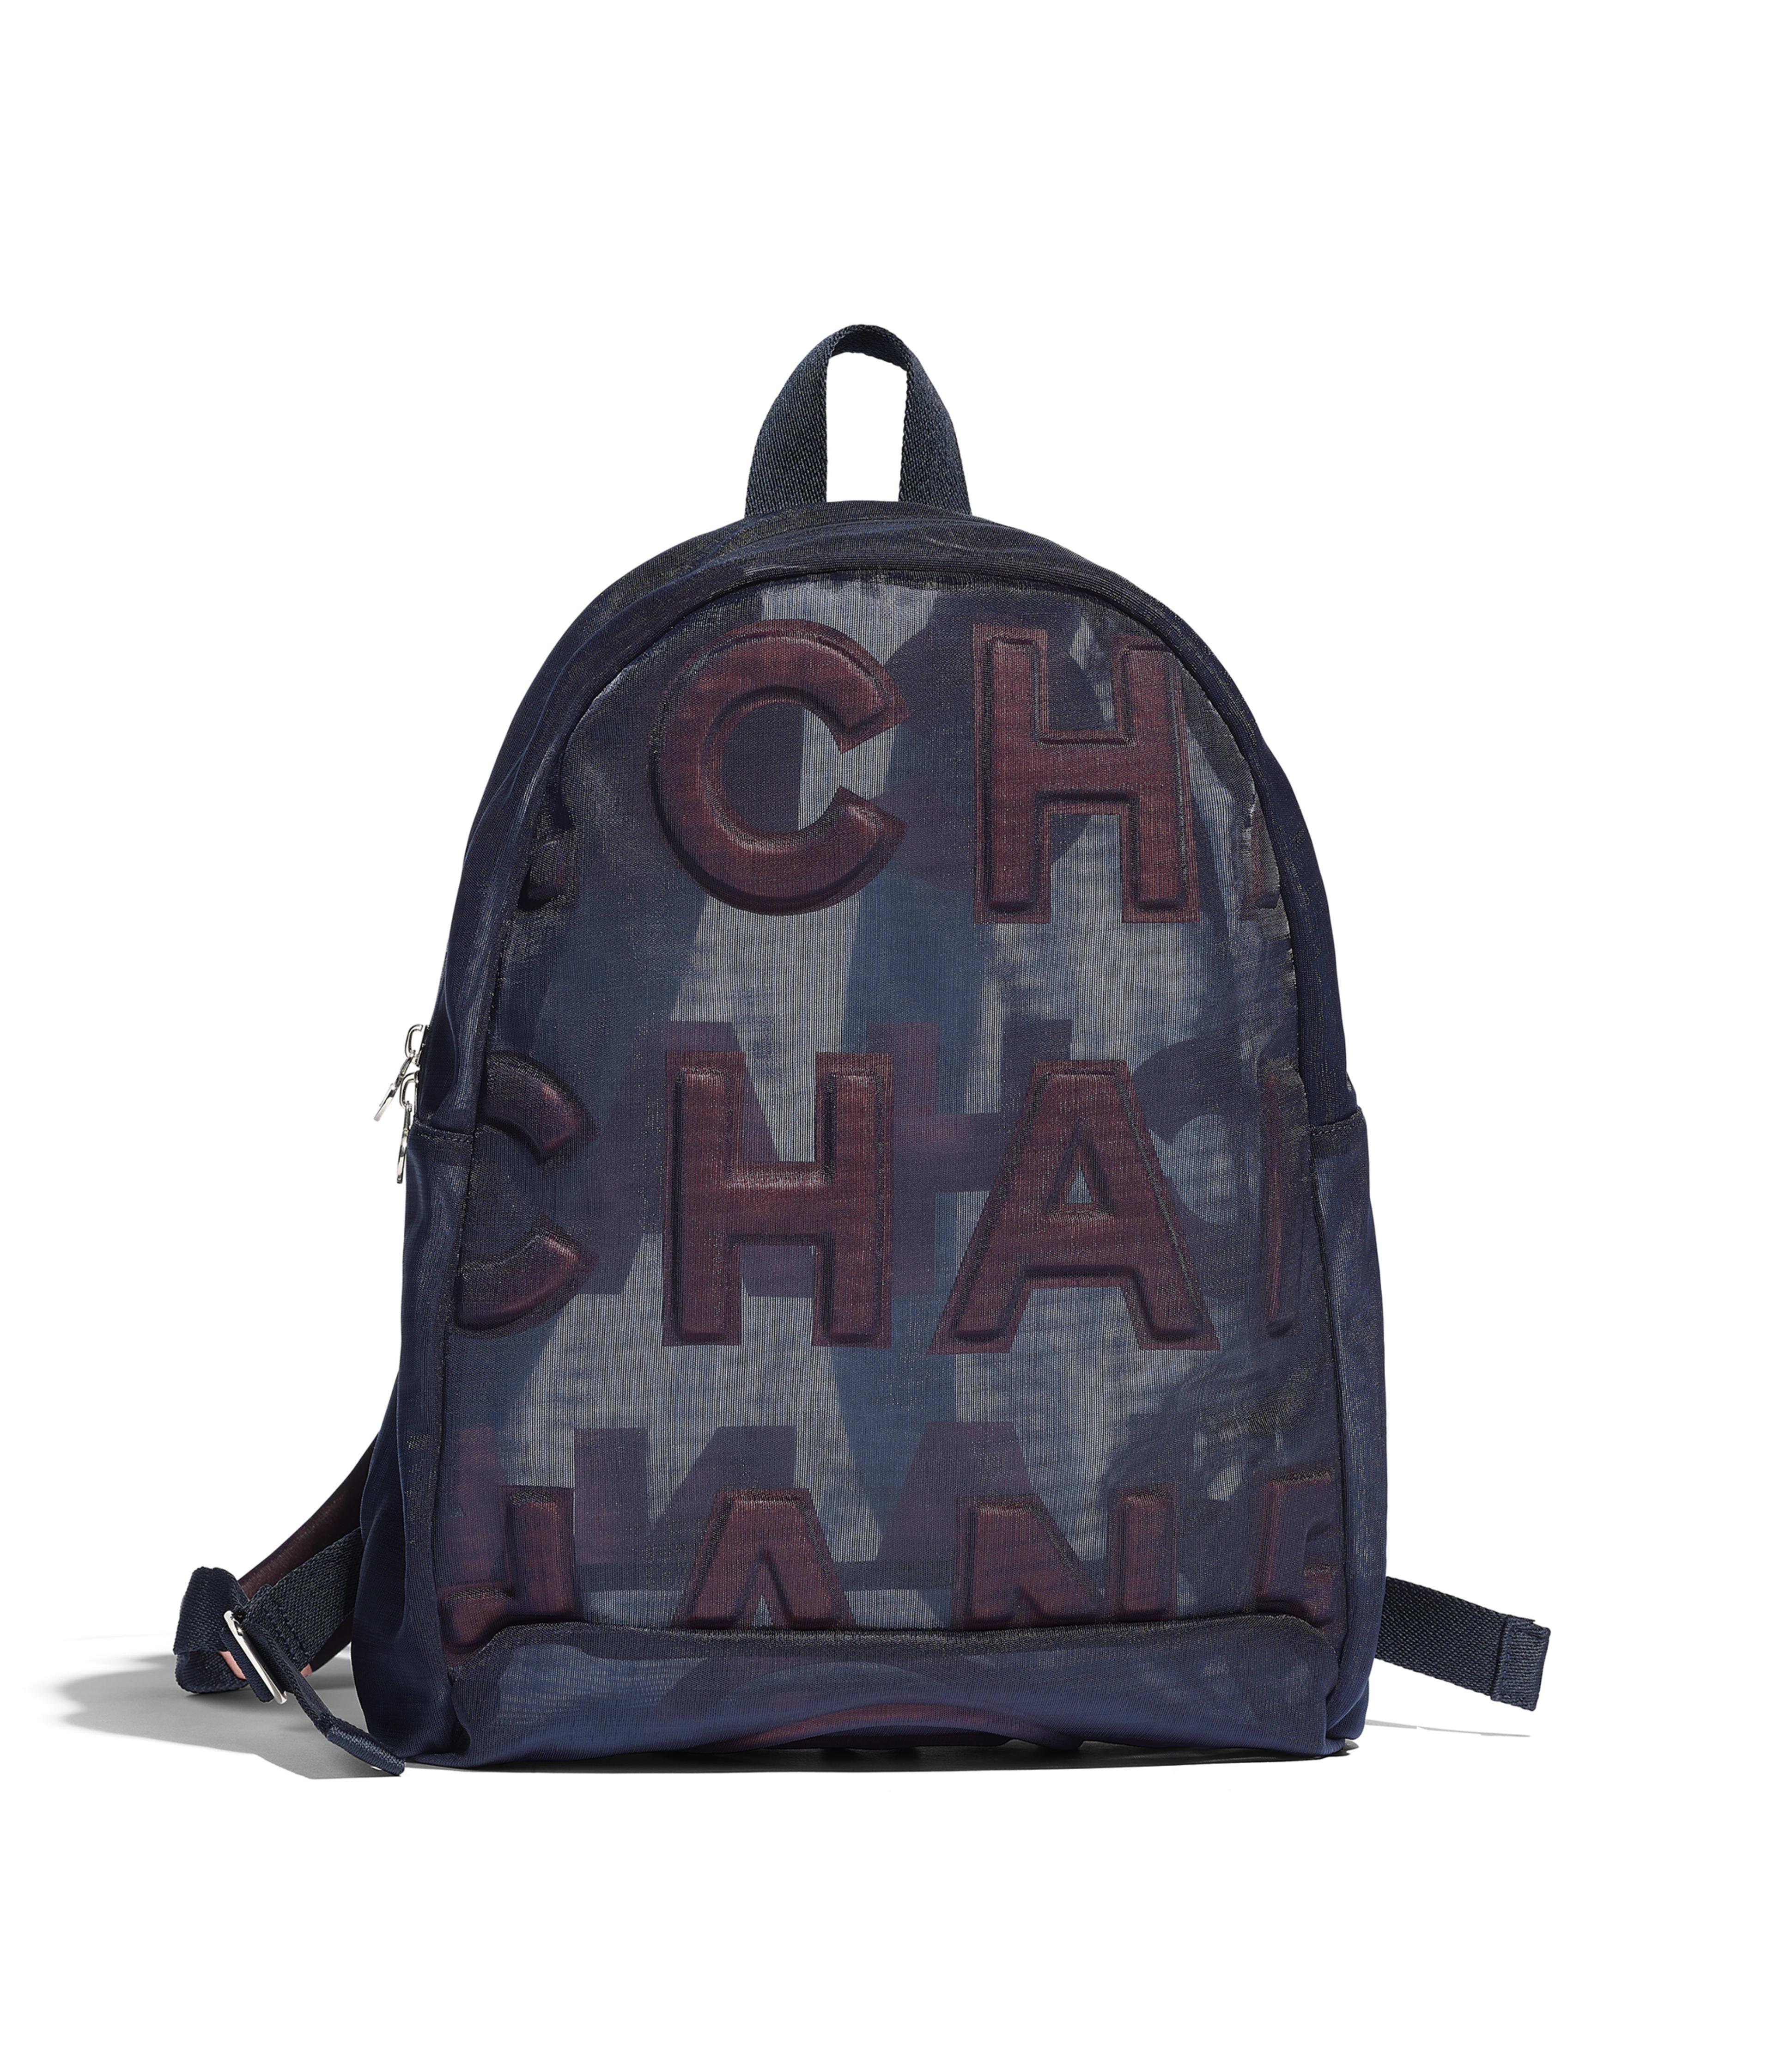 72d81c9c6fbabd Backpack Nylon & Silver-Tone Metal, Blue & Pink Ref. AS0422B00165N0800